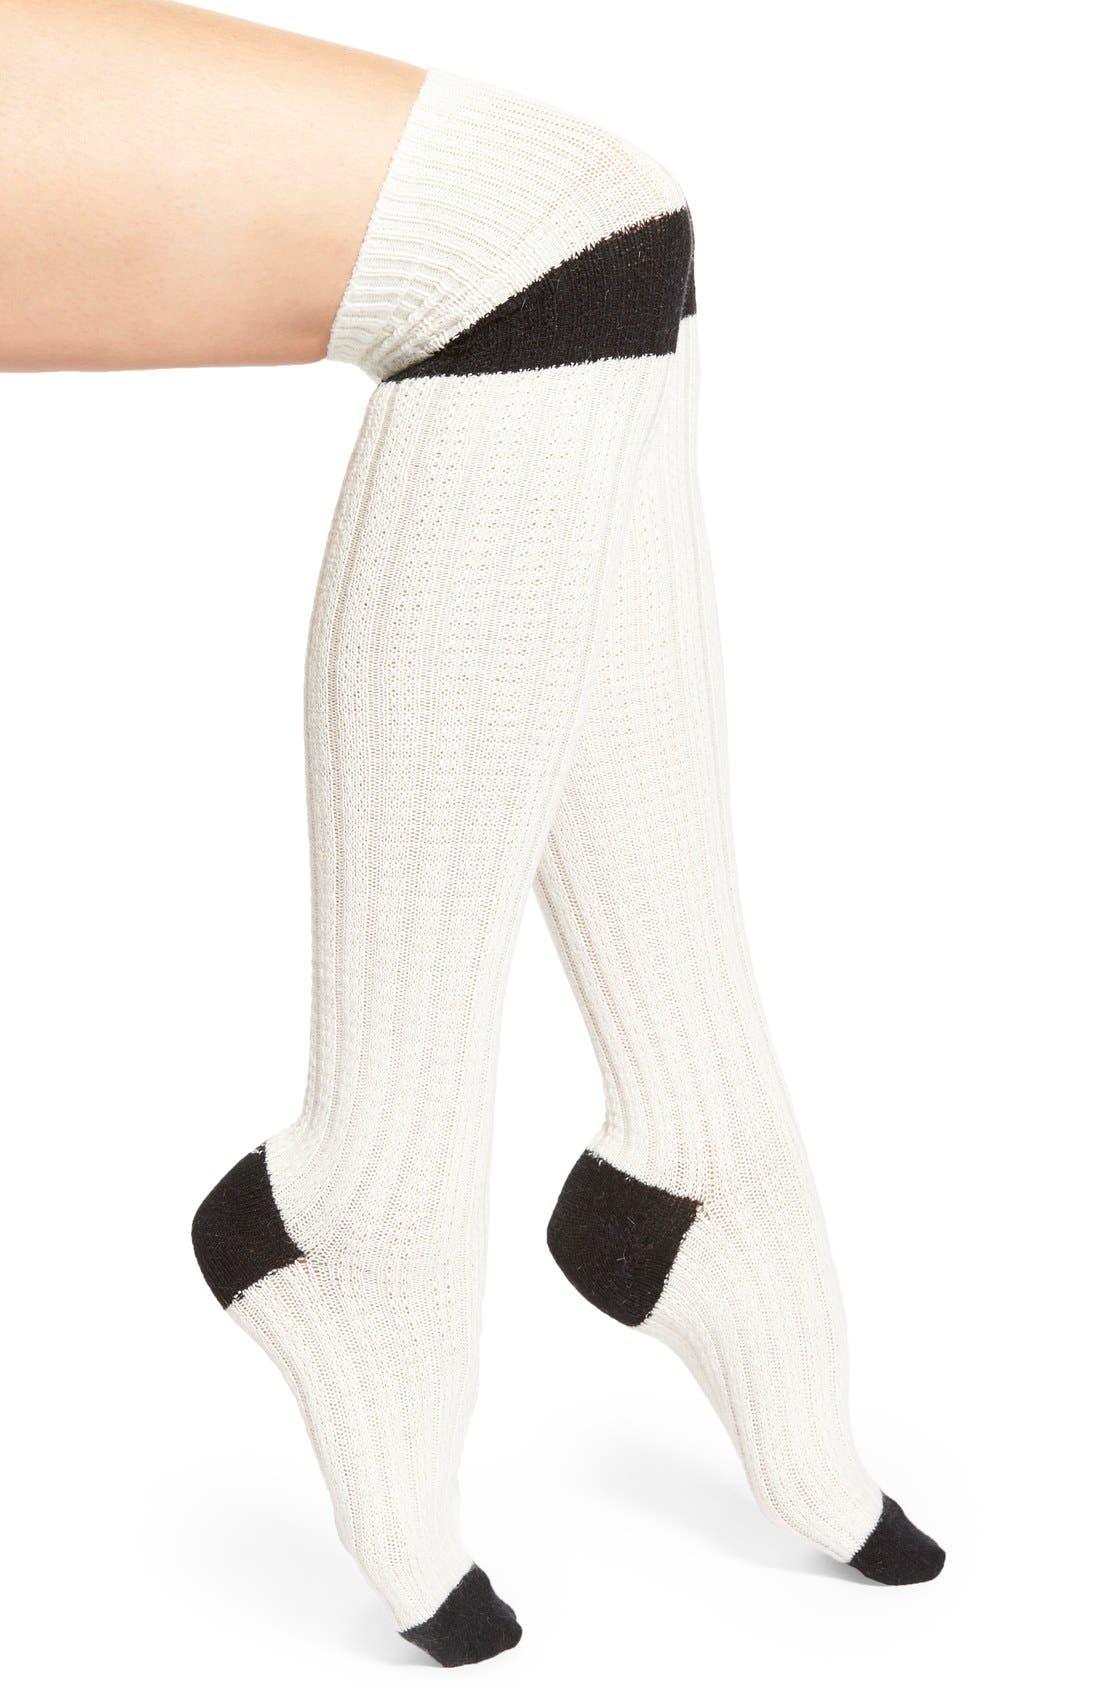 Alternate Image 1 Selected - Stance 'Gemini' Over the Knee Socks